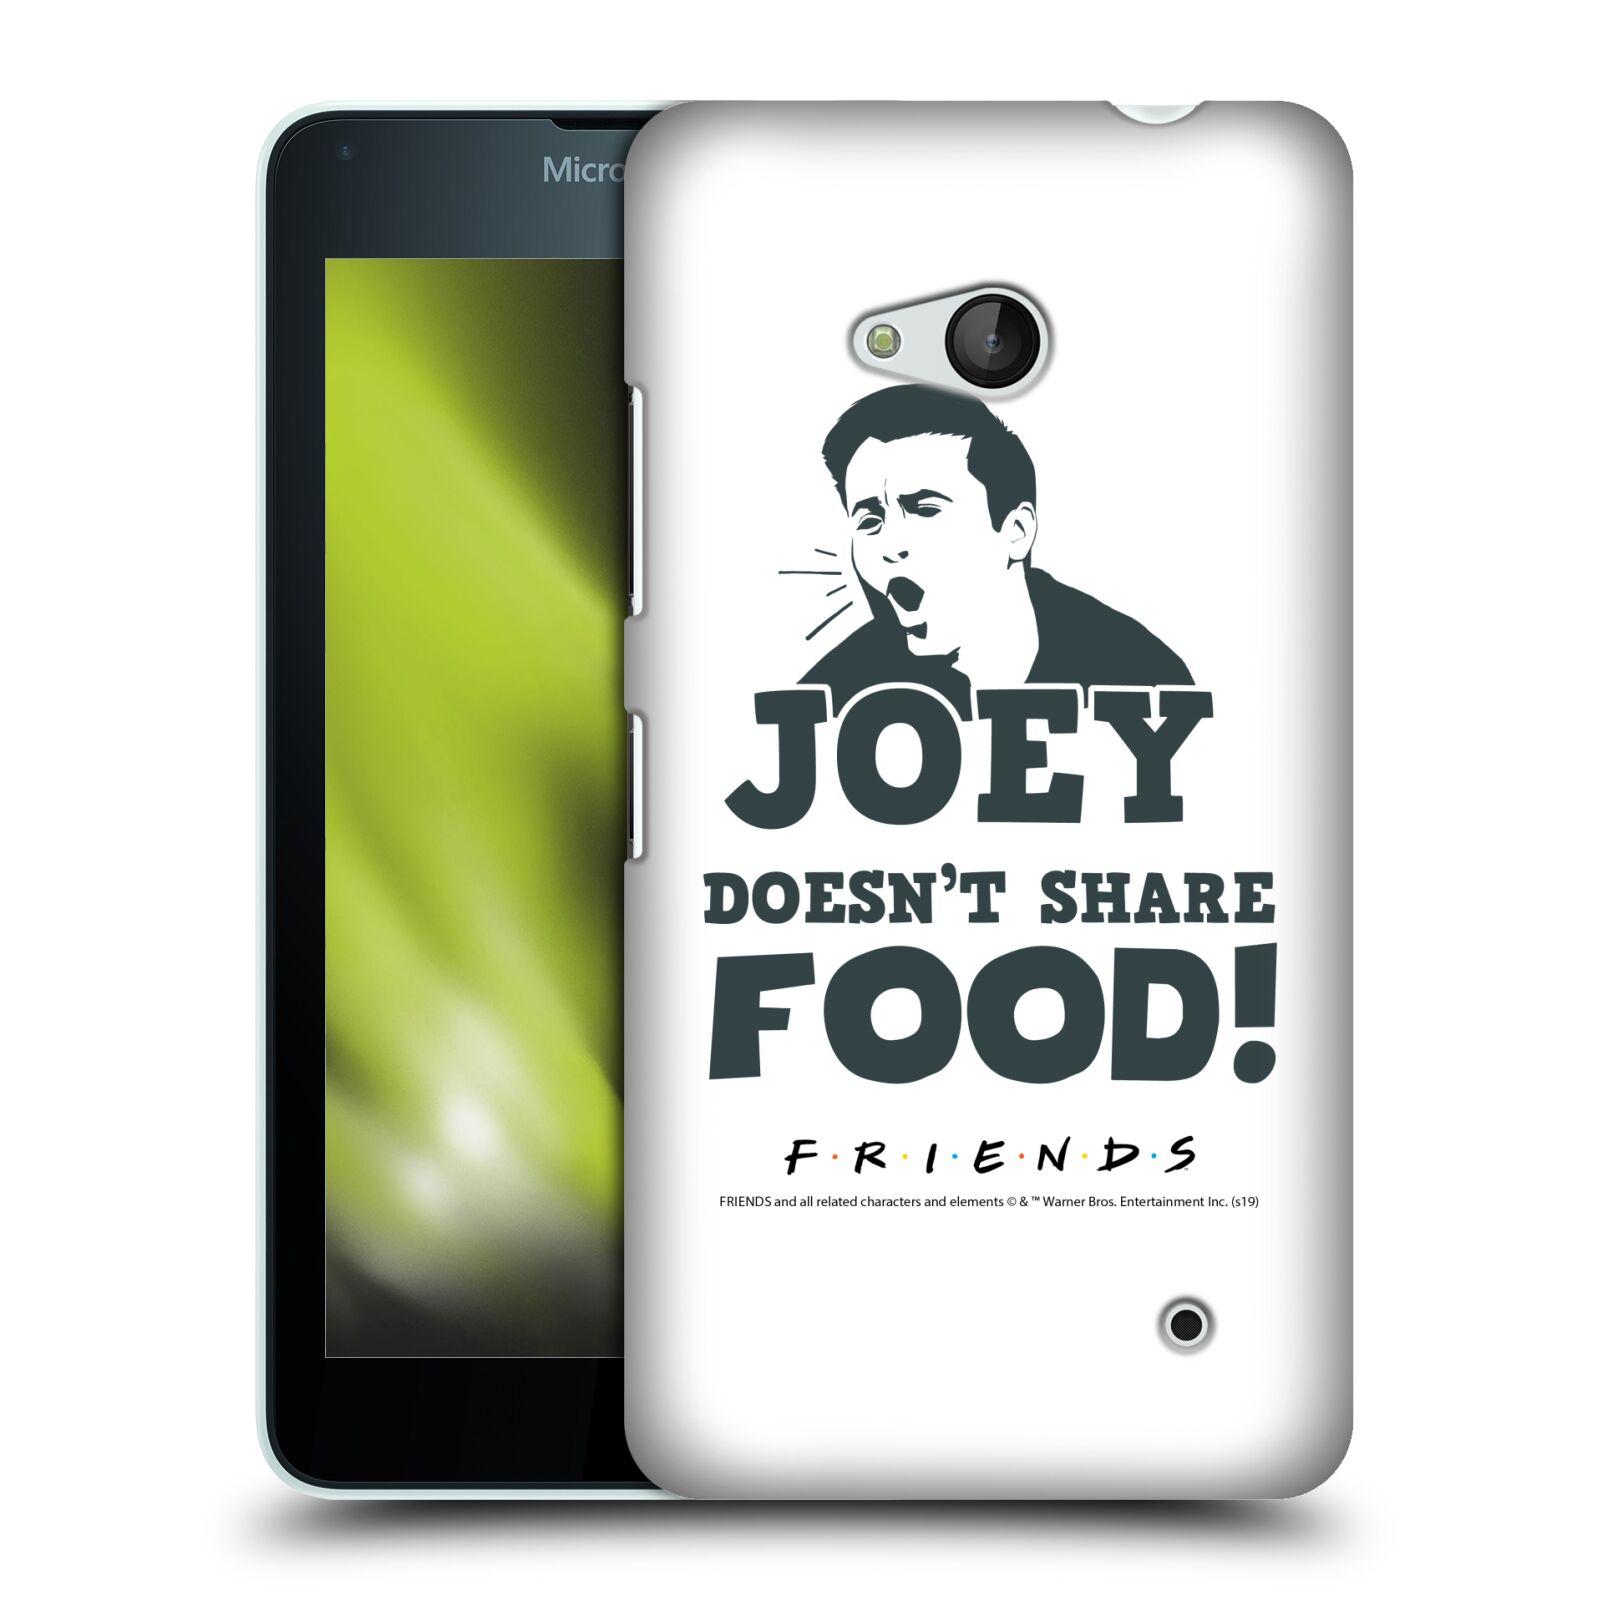 Pouzdro na mobil Microsoft Lumia 640 / 640 DUAL SIM - HEAD CASE - Seriál Přátelé - Joey se o jídlo nedělí